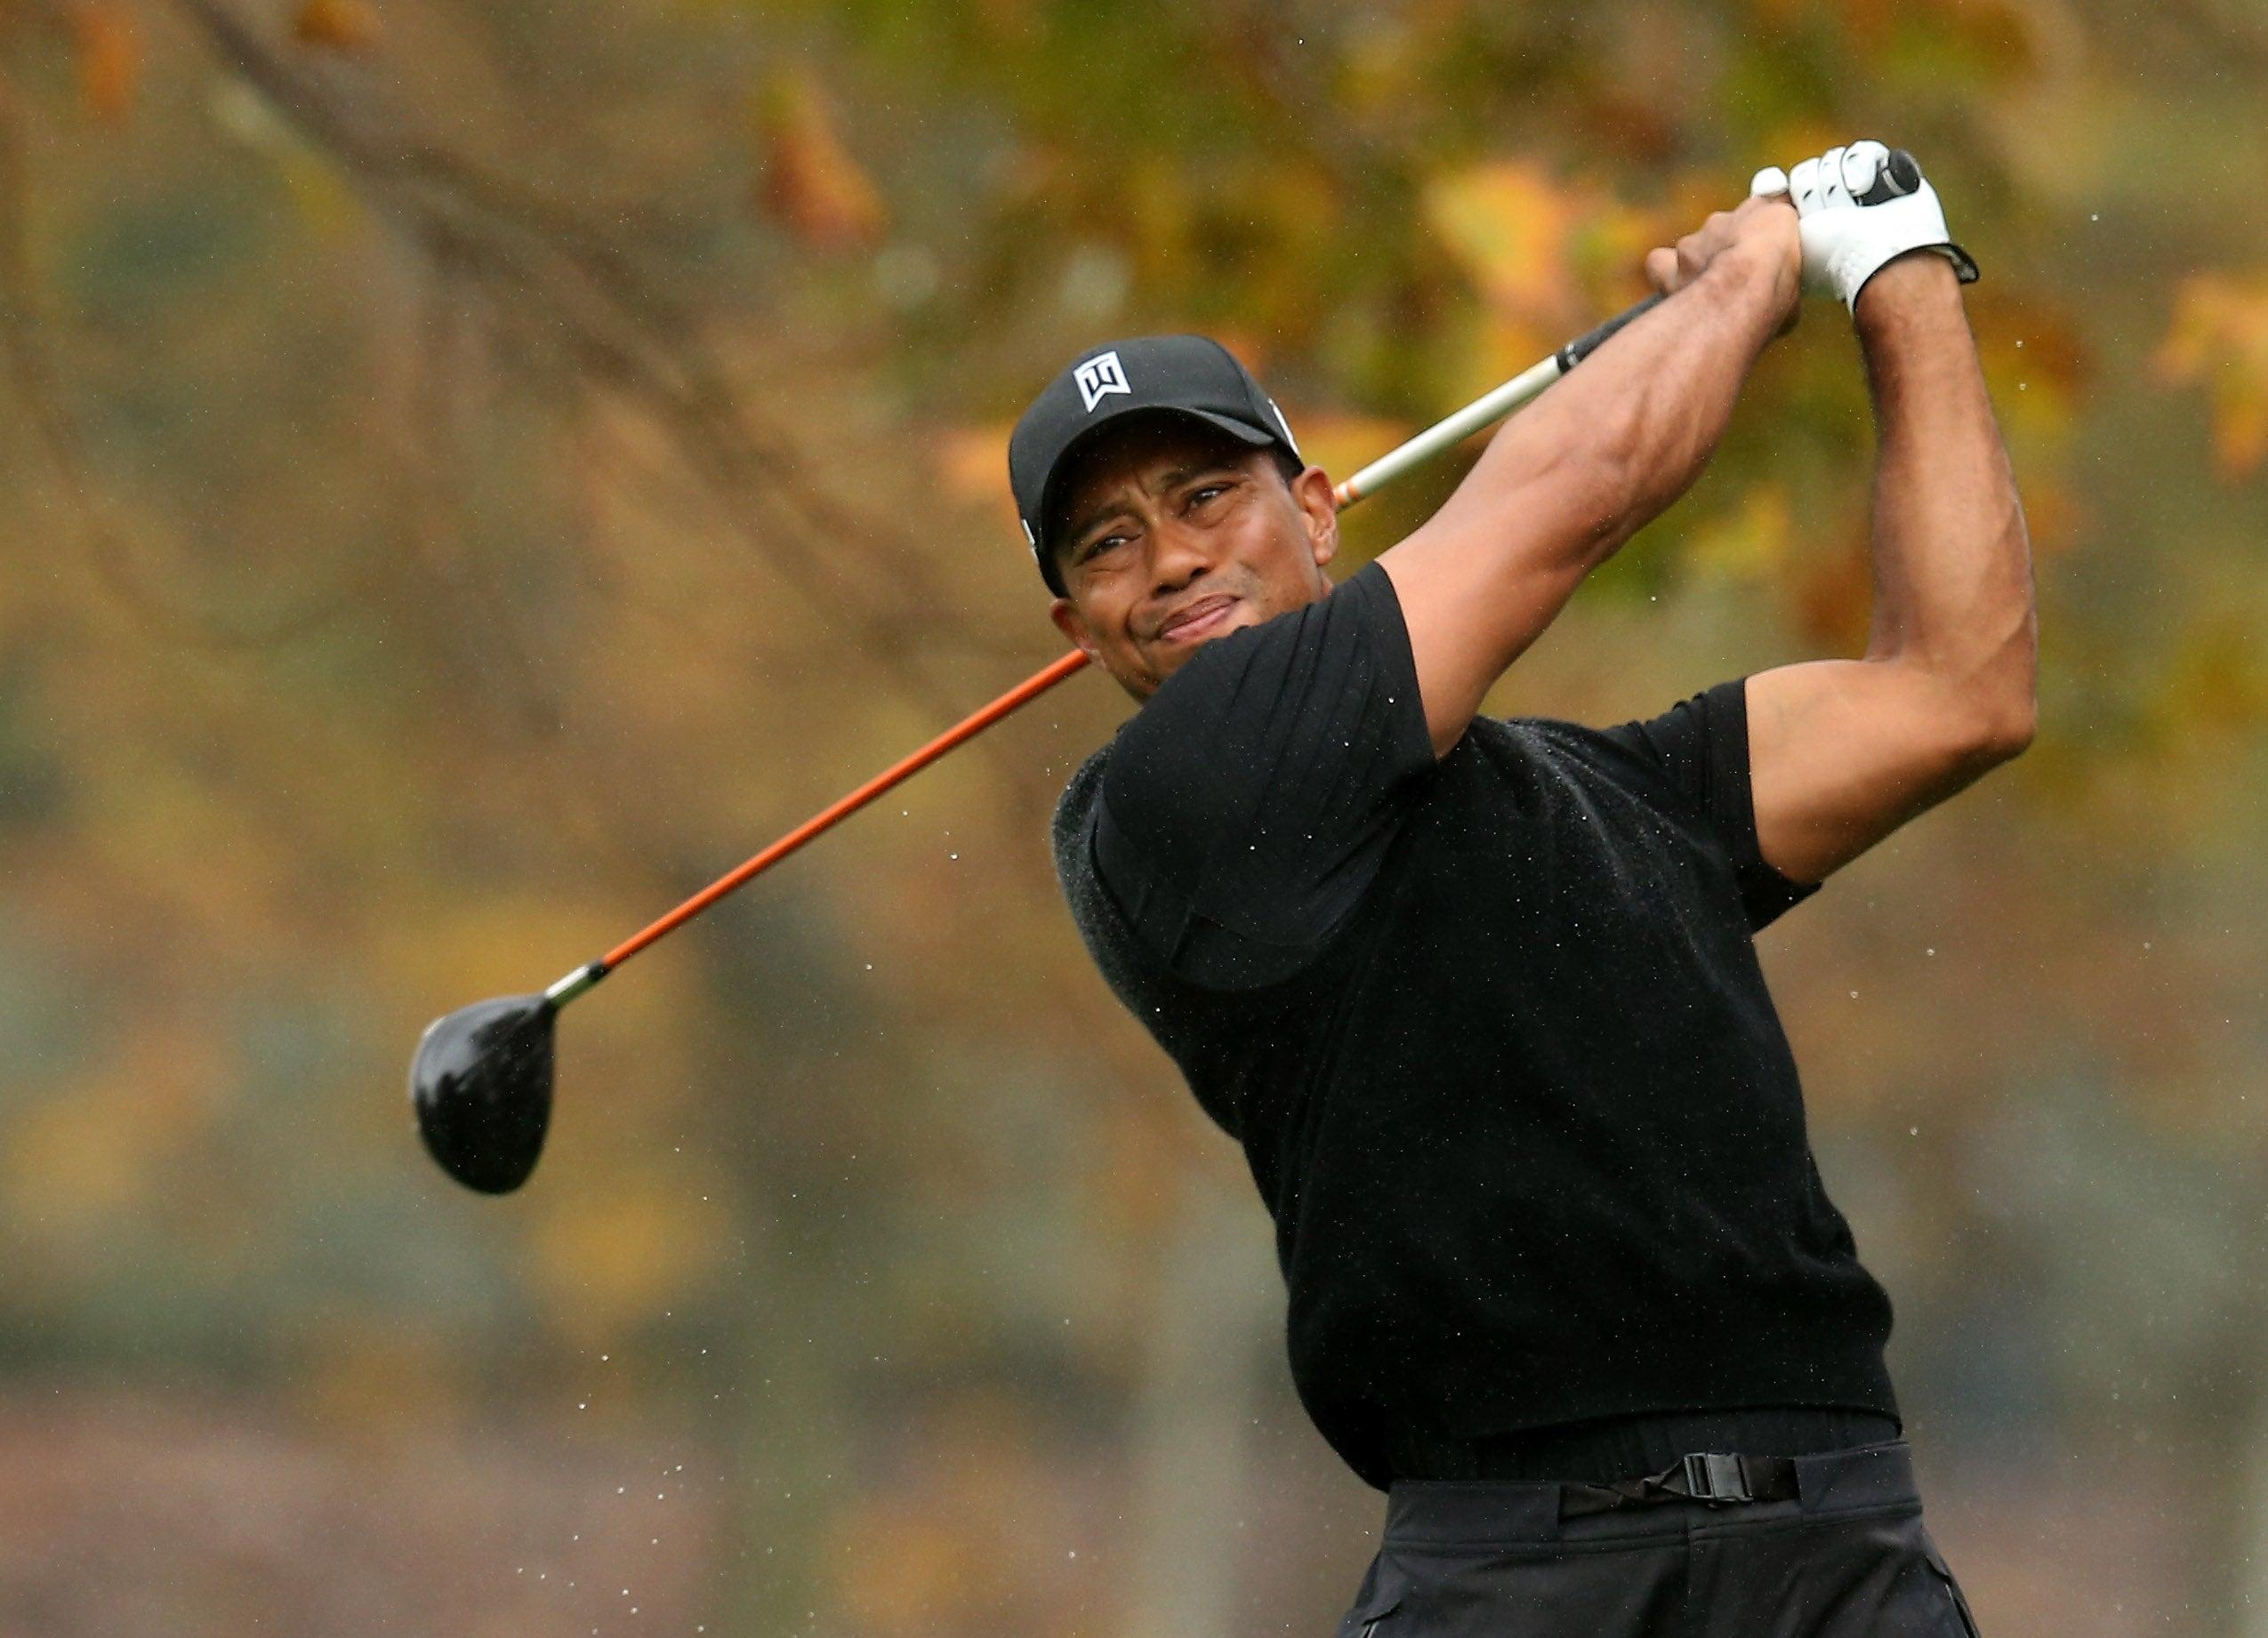 Top Ten Amazing Golf Shots